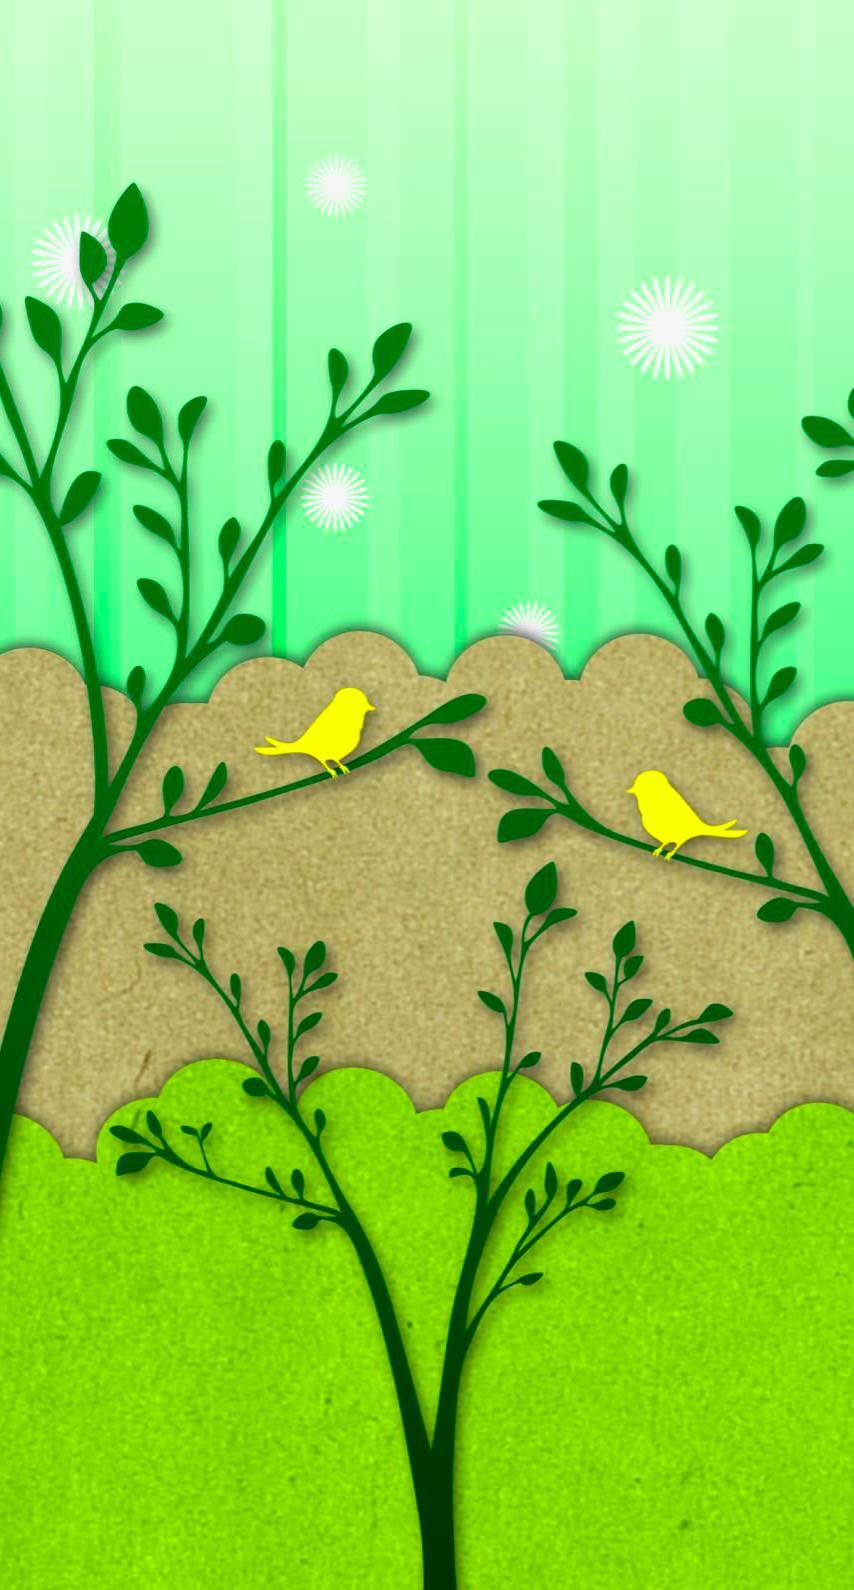 Burung Ilustrasi Kuning Hijau